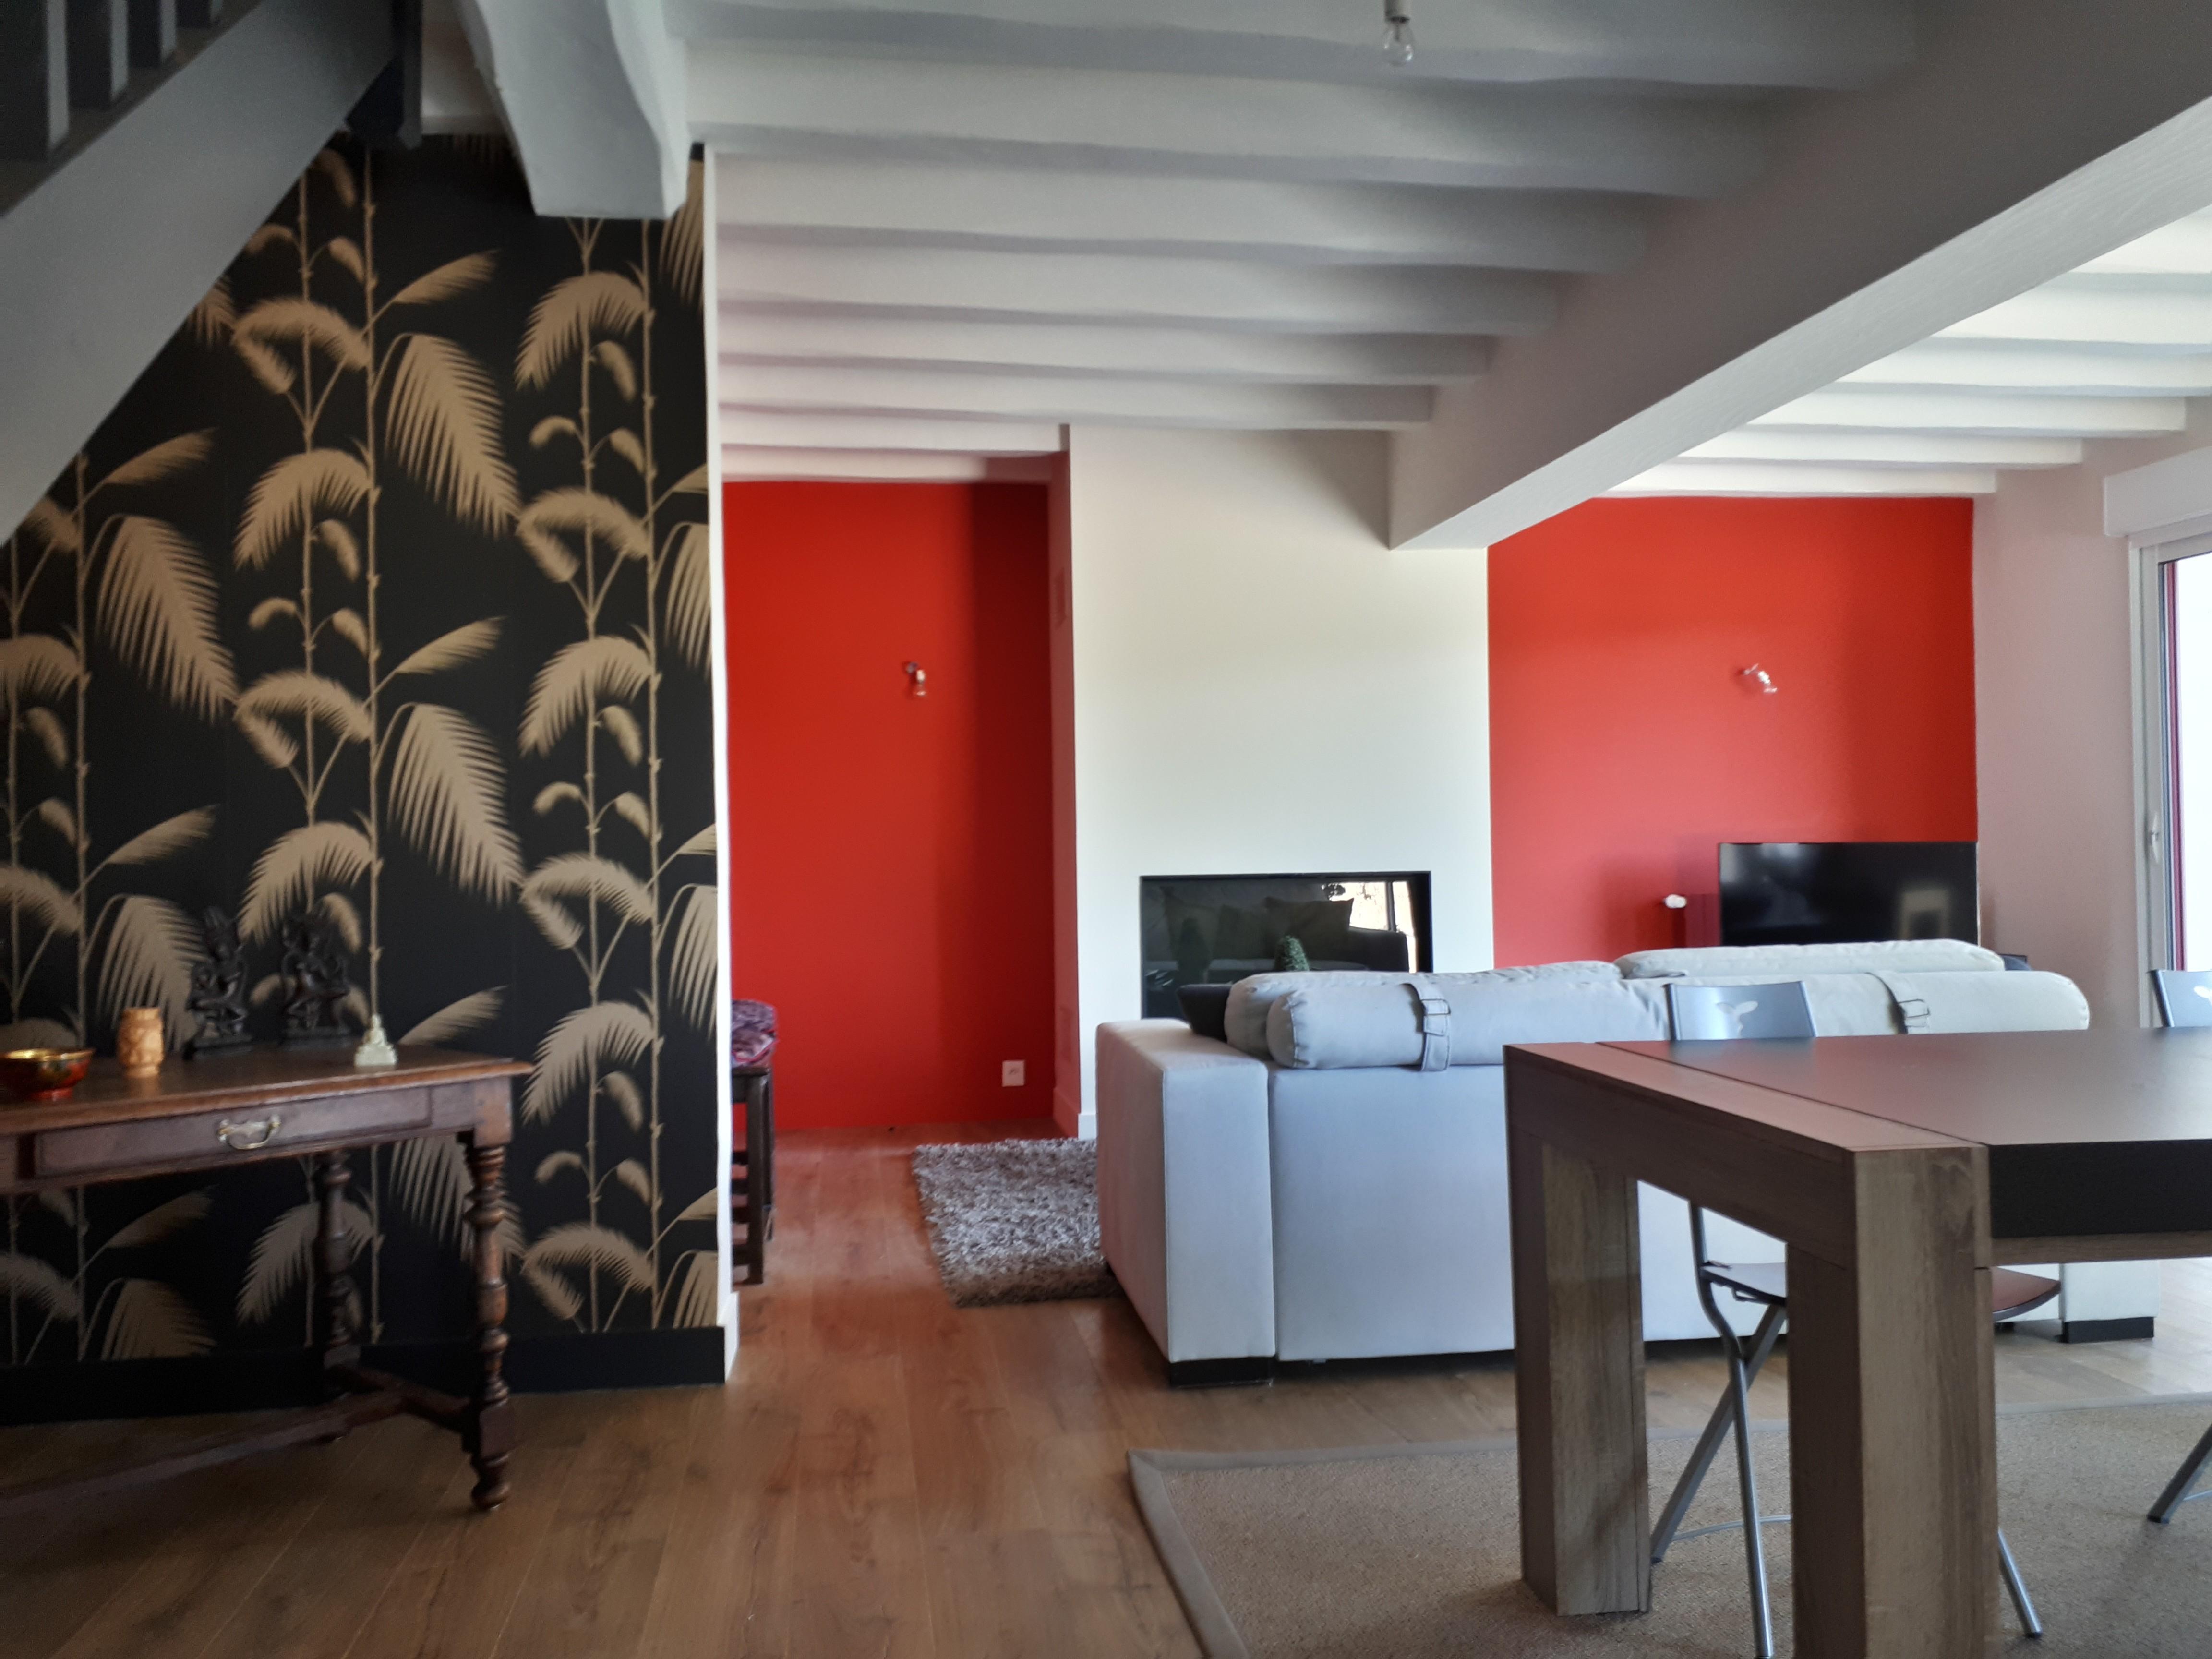 Salon maison et objet septembre 2017 anderea d co for Salon maison et objet 2017